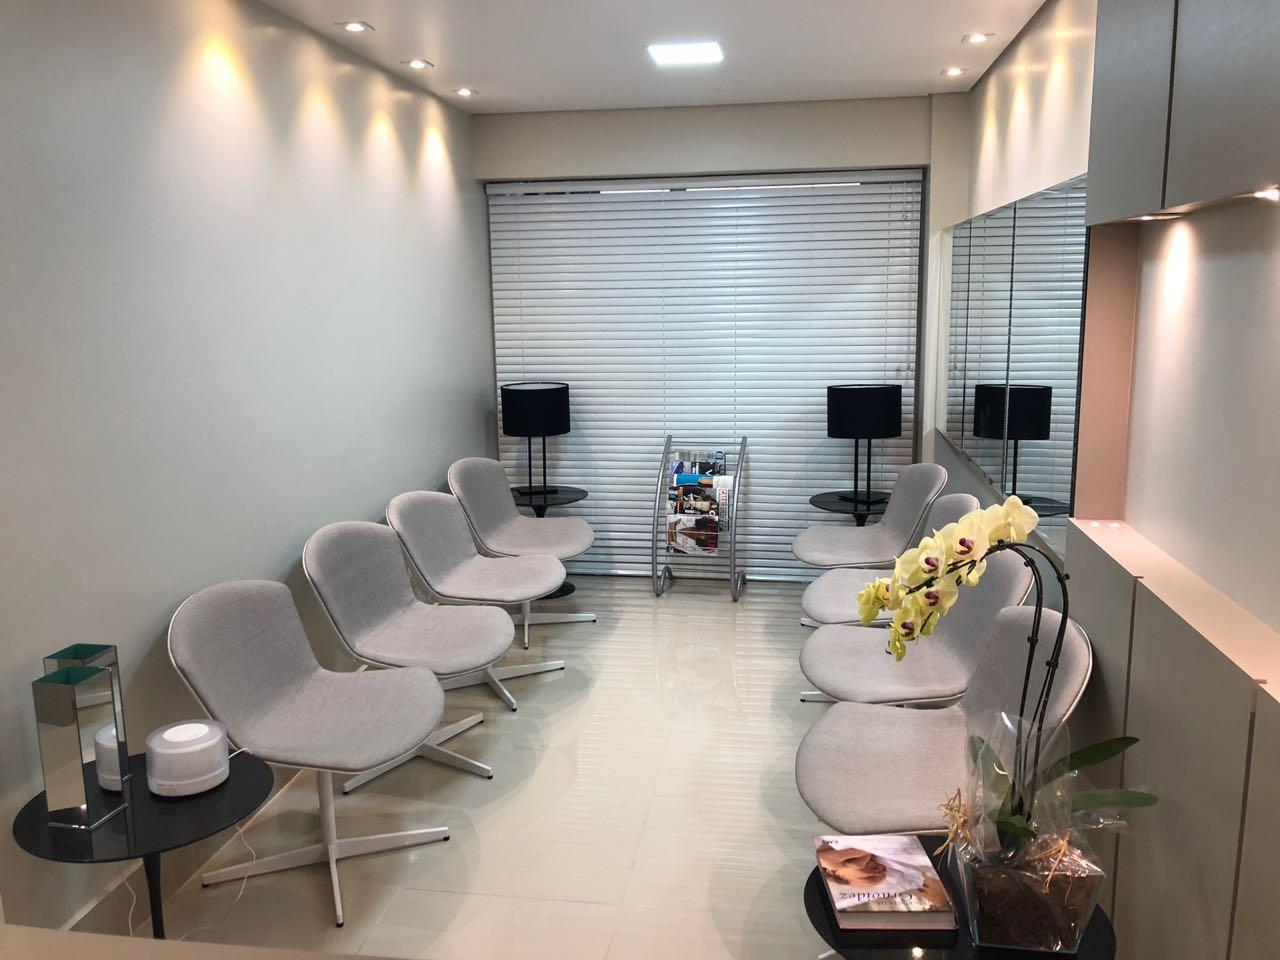 Sala de espera - Ginecologista em Curitiba